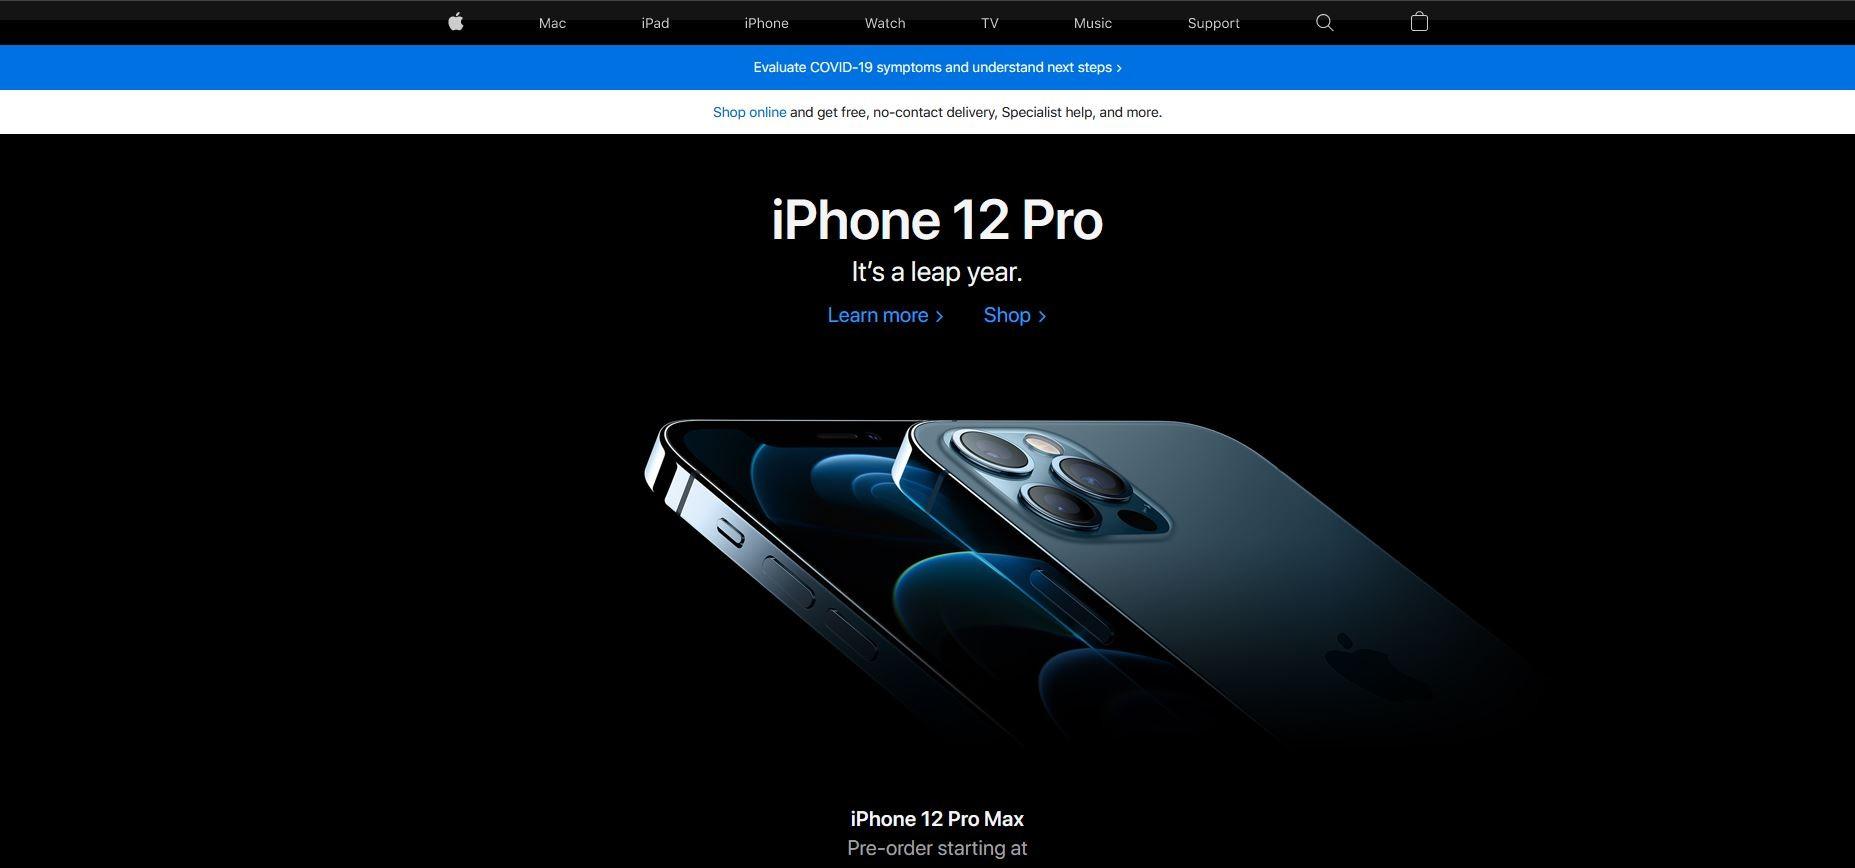 apple_com